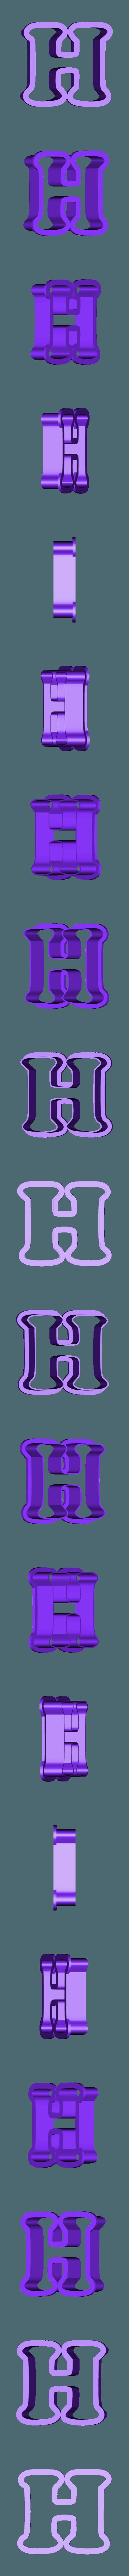 h.stl Download free STL file A-Z alphabet cookie cutter • 3D printer design, BlackSand3DMaker